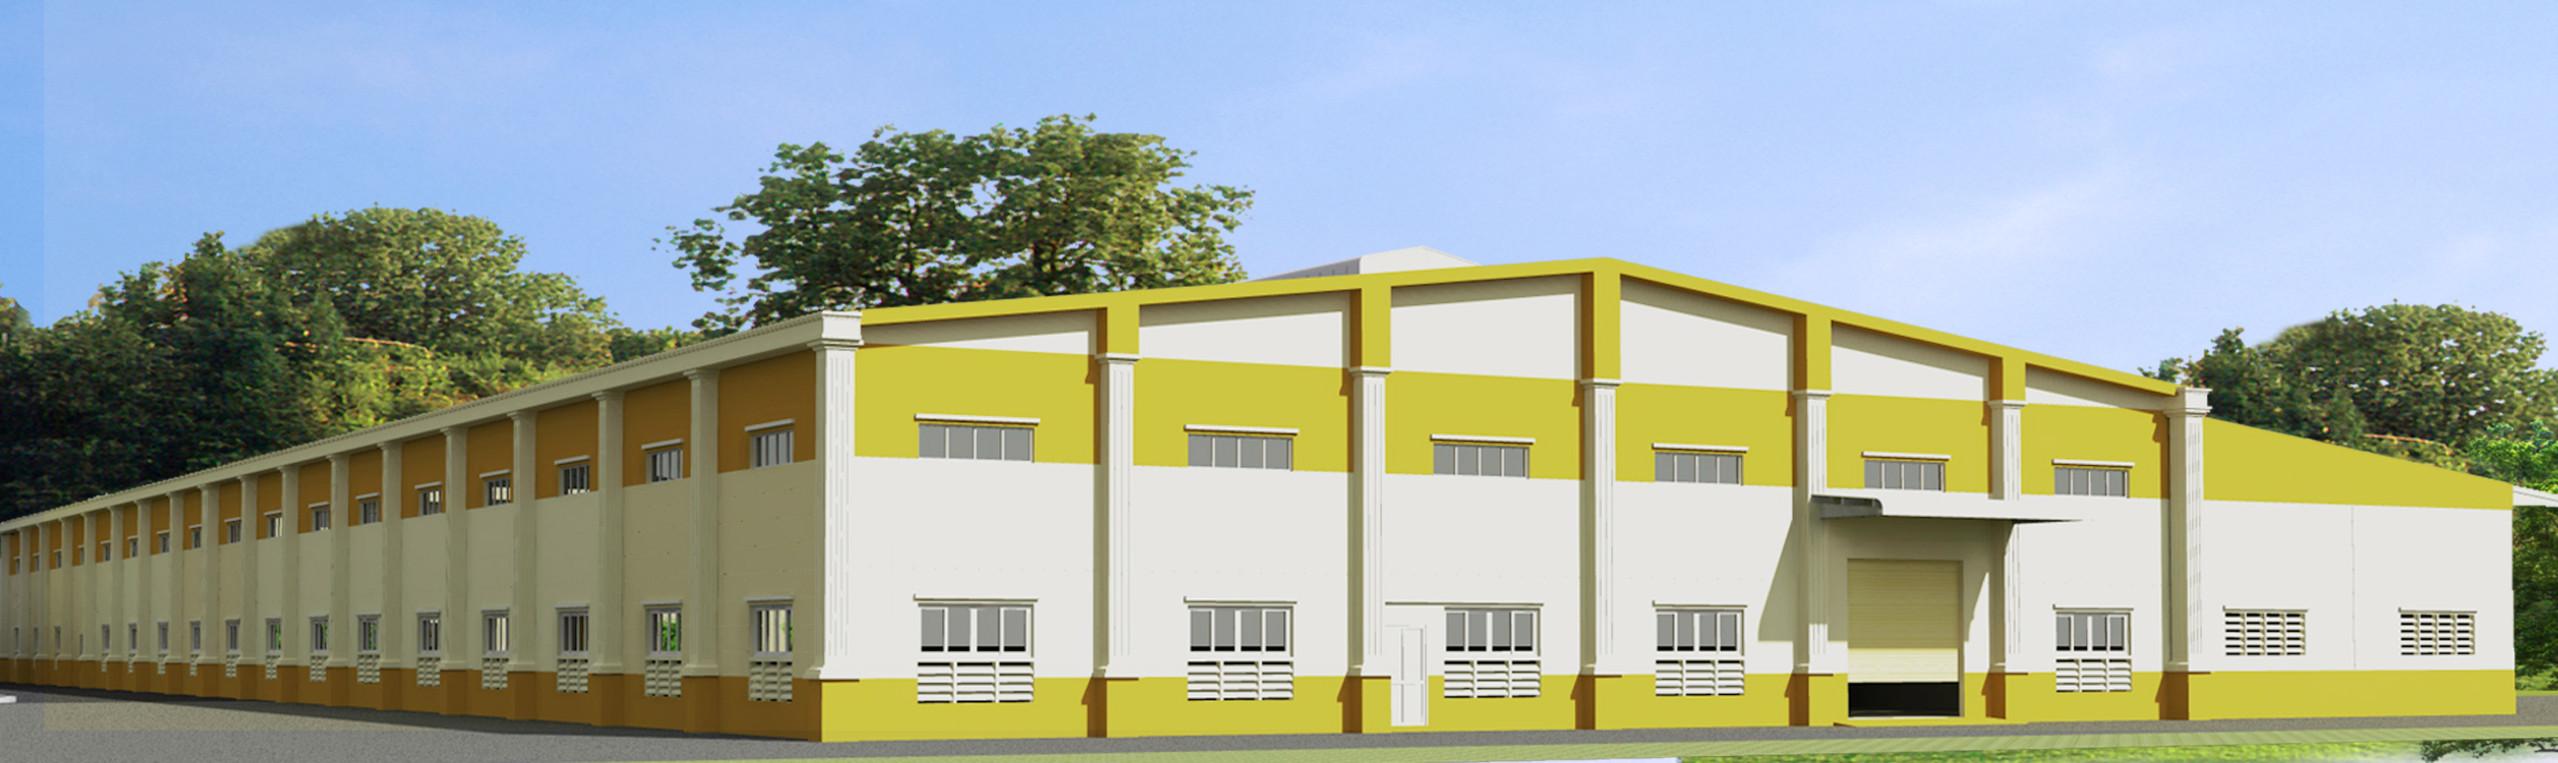 Factory design of DI YU SHENG Company